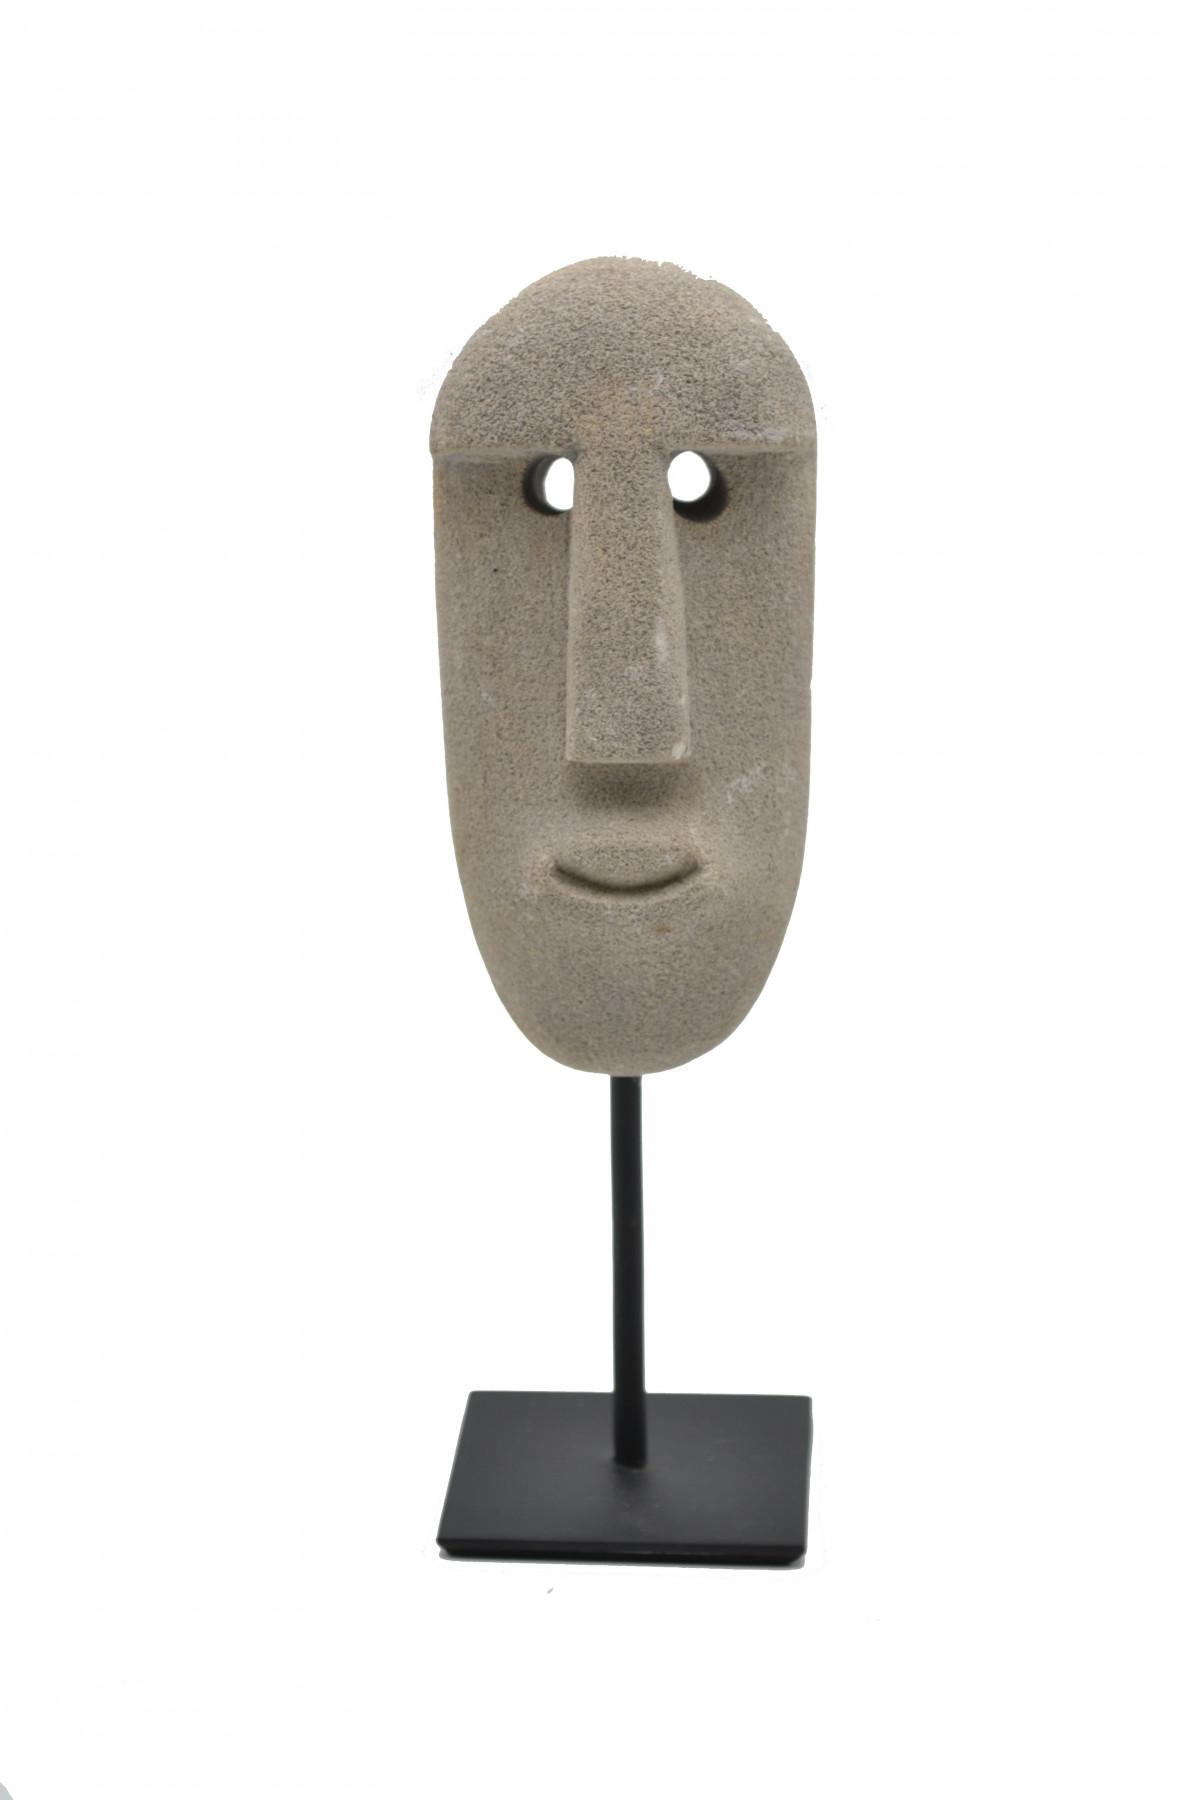 Masque en pierre sur socle 1